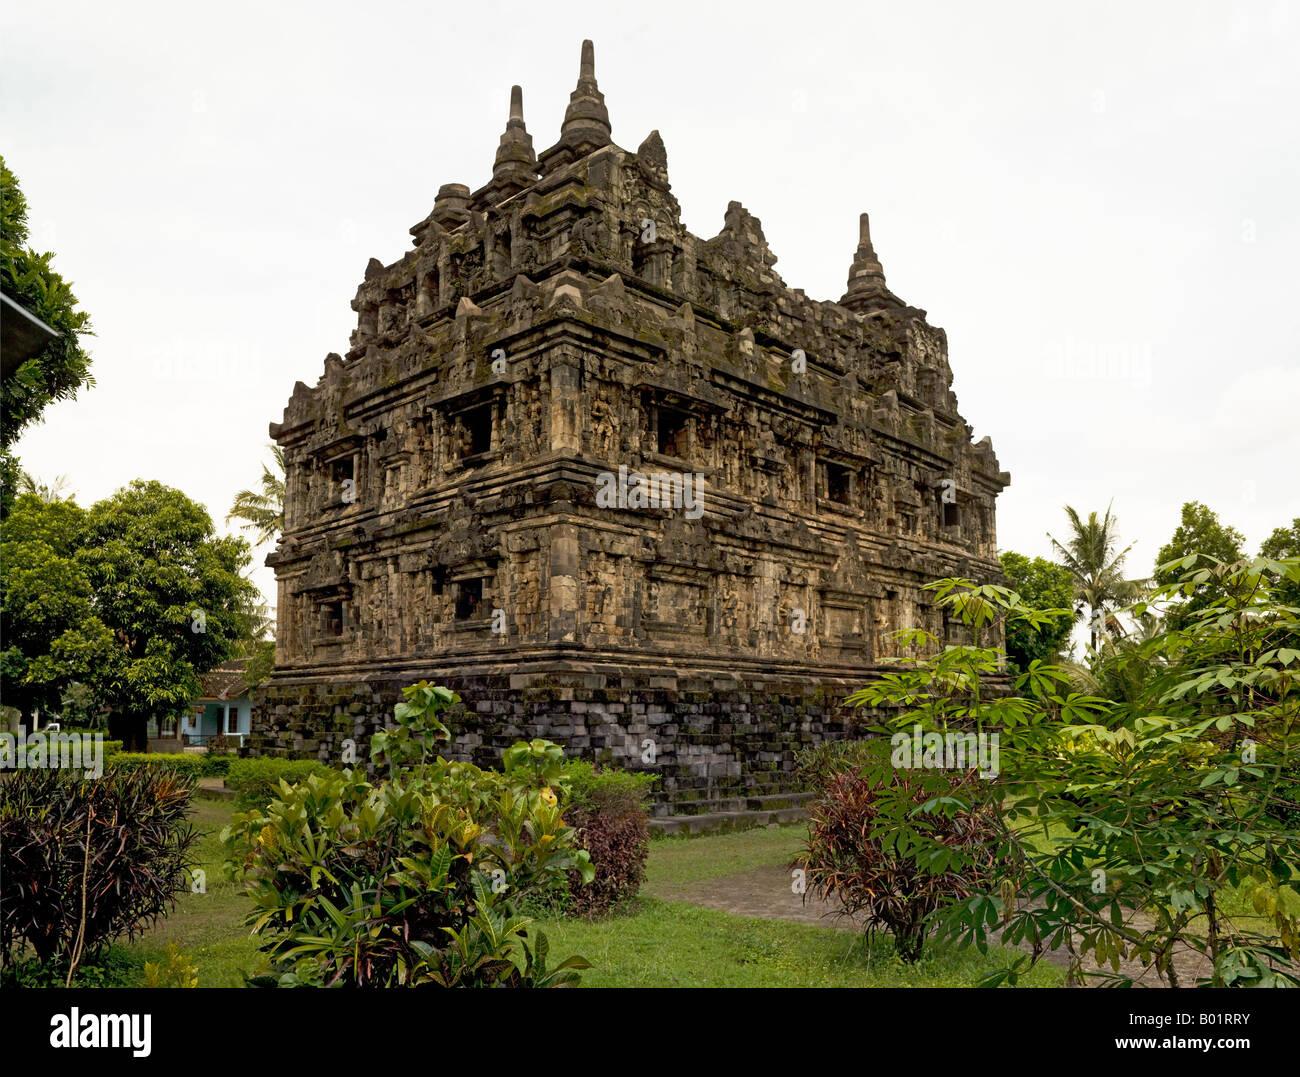 Candi Sari, Prambanam, Java, Indonesia Stock Photo